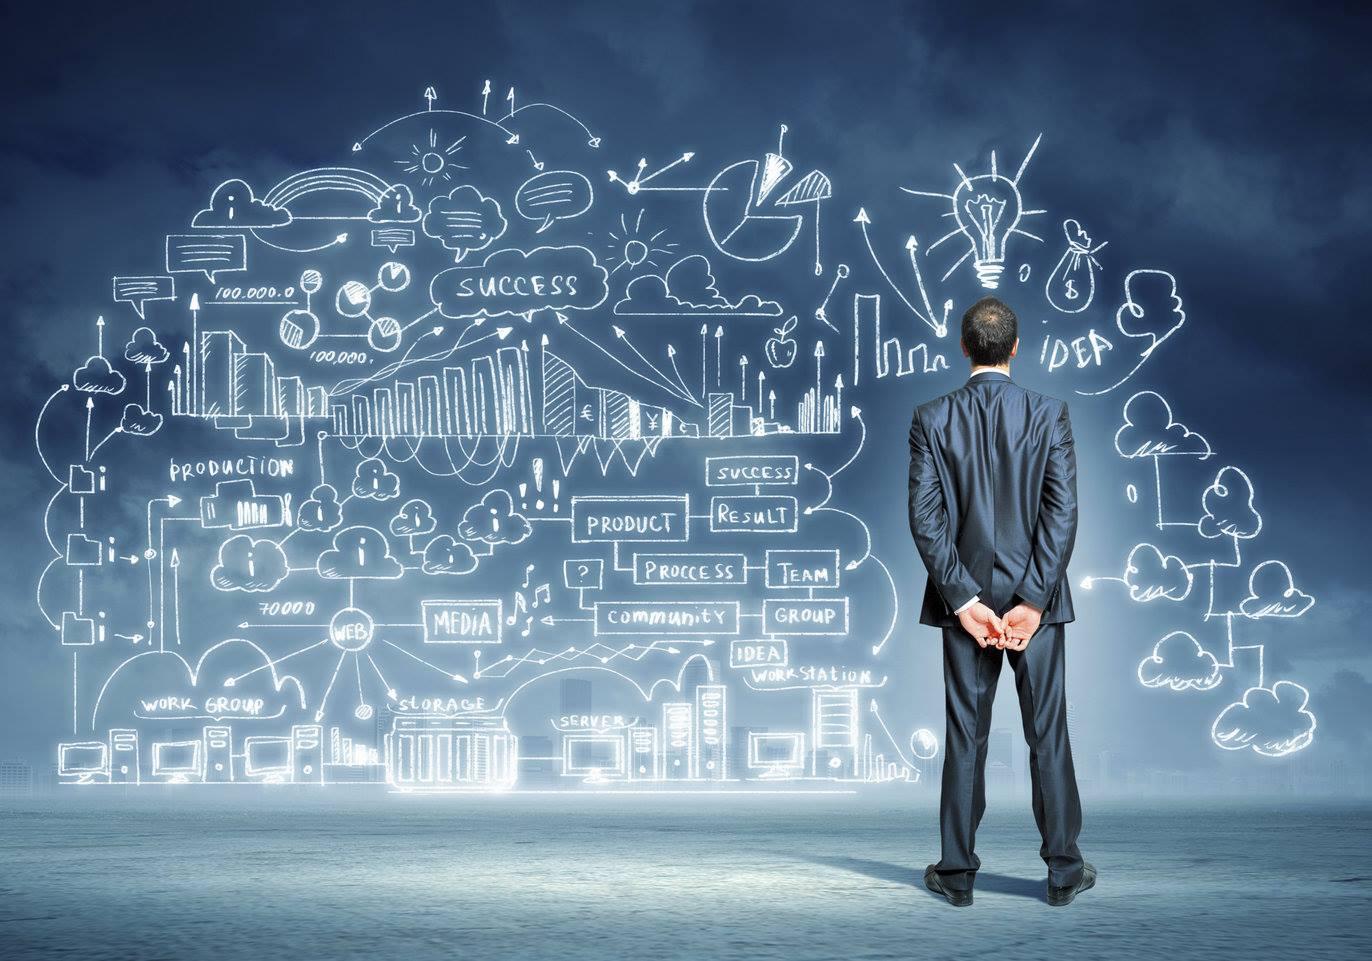 Có được xác định là doanh nghiệp siêu nhỏ để được hưởng các chính sách hỗ trợ liên quan không?